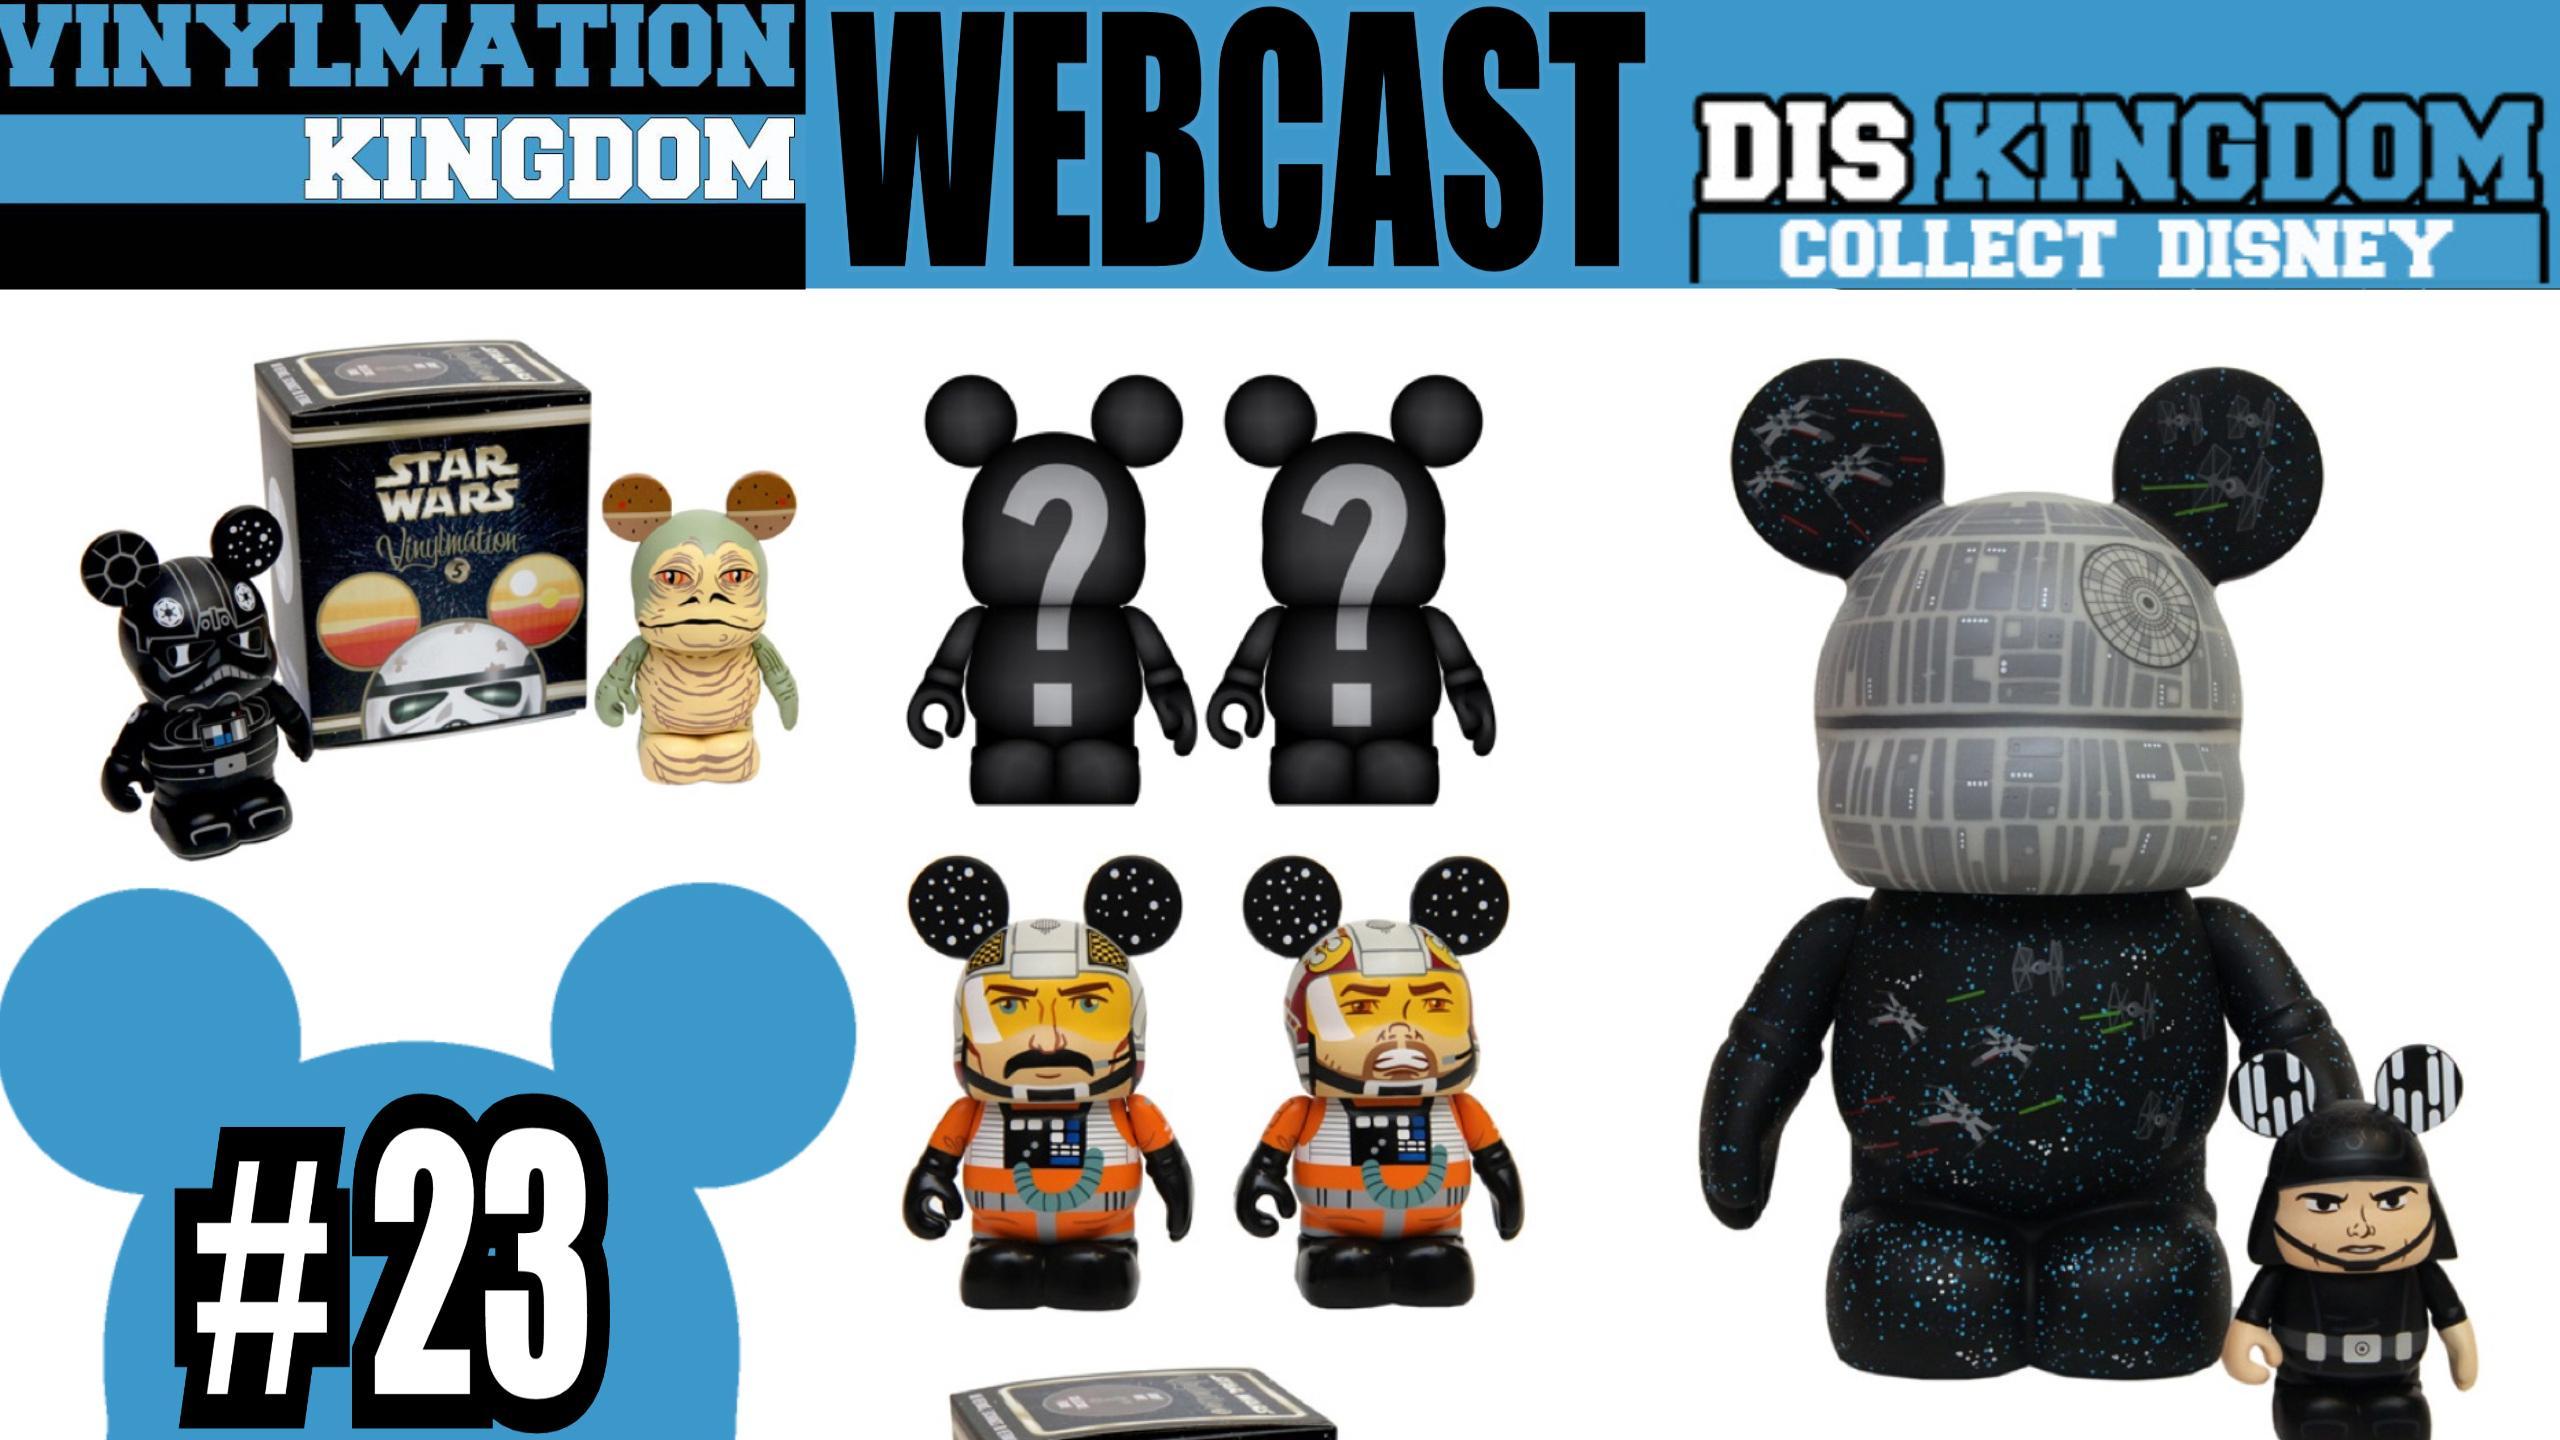 Vinylmation Kingdom Webcast 23 – Star Wars Weekends